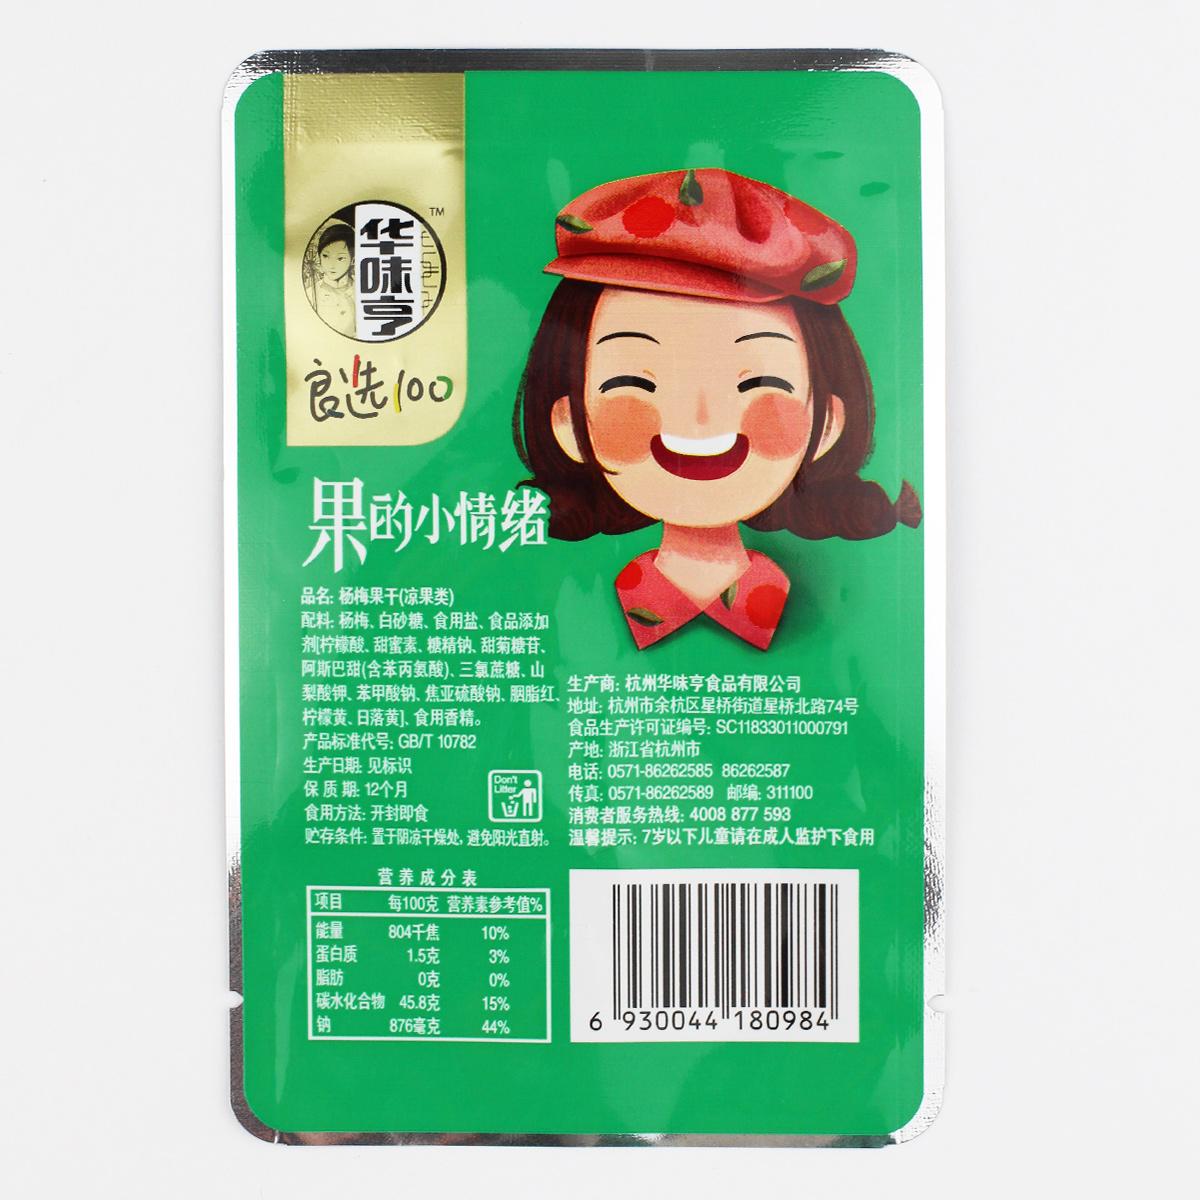 华味亨多口味蜜饯600g 杨梅干乌梅酸梅子果脯话梅果干零食大礼包